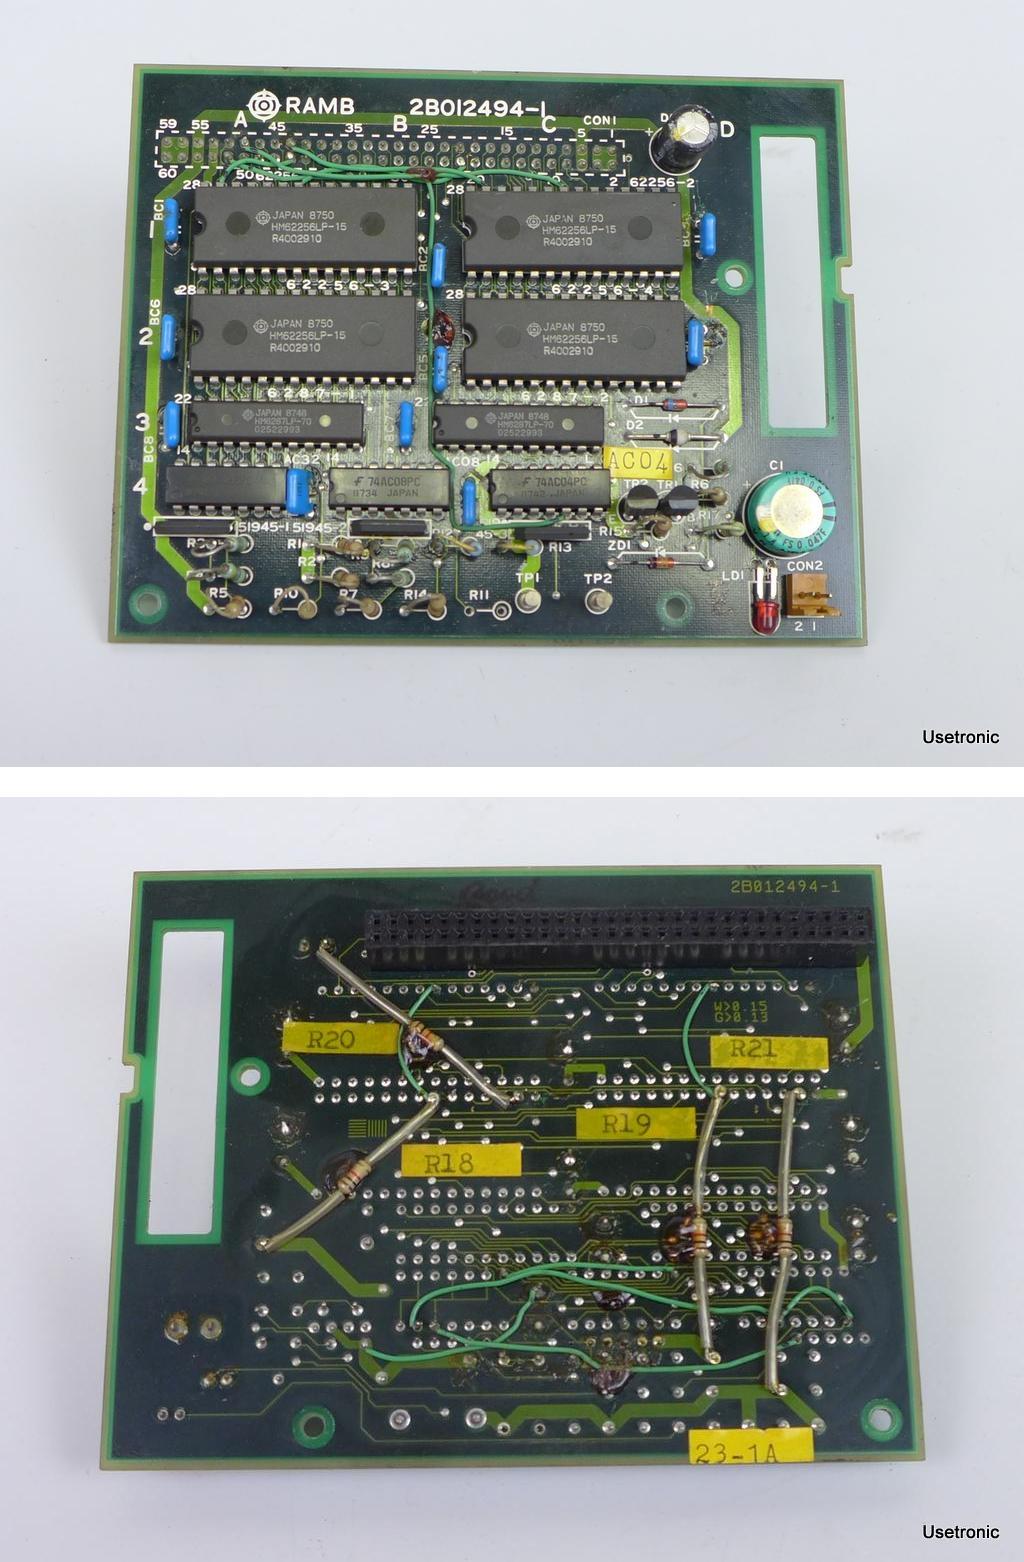 Hitachi RAMB 2BOI2494-I 2bo1294-1